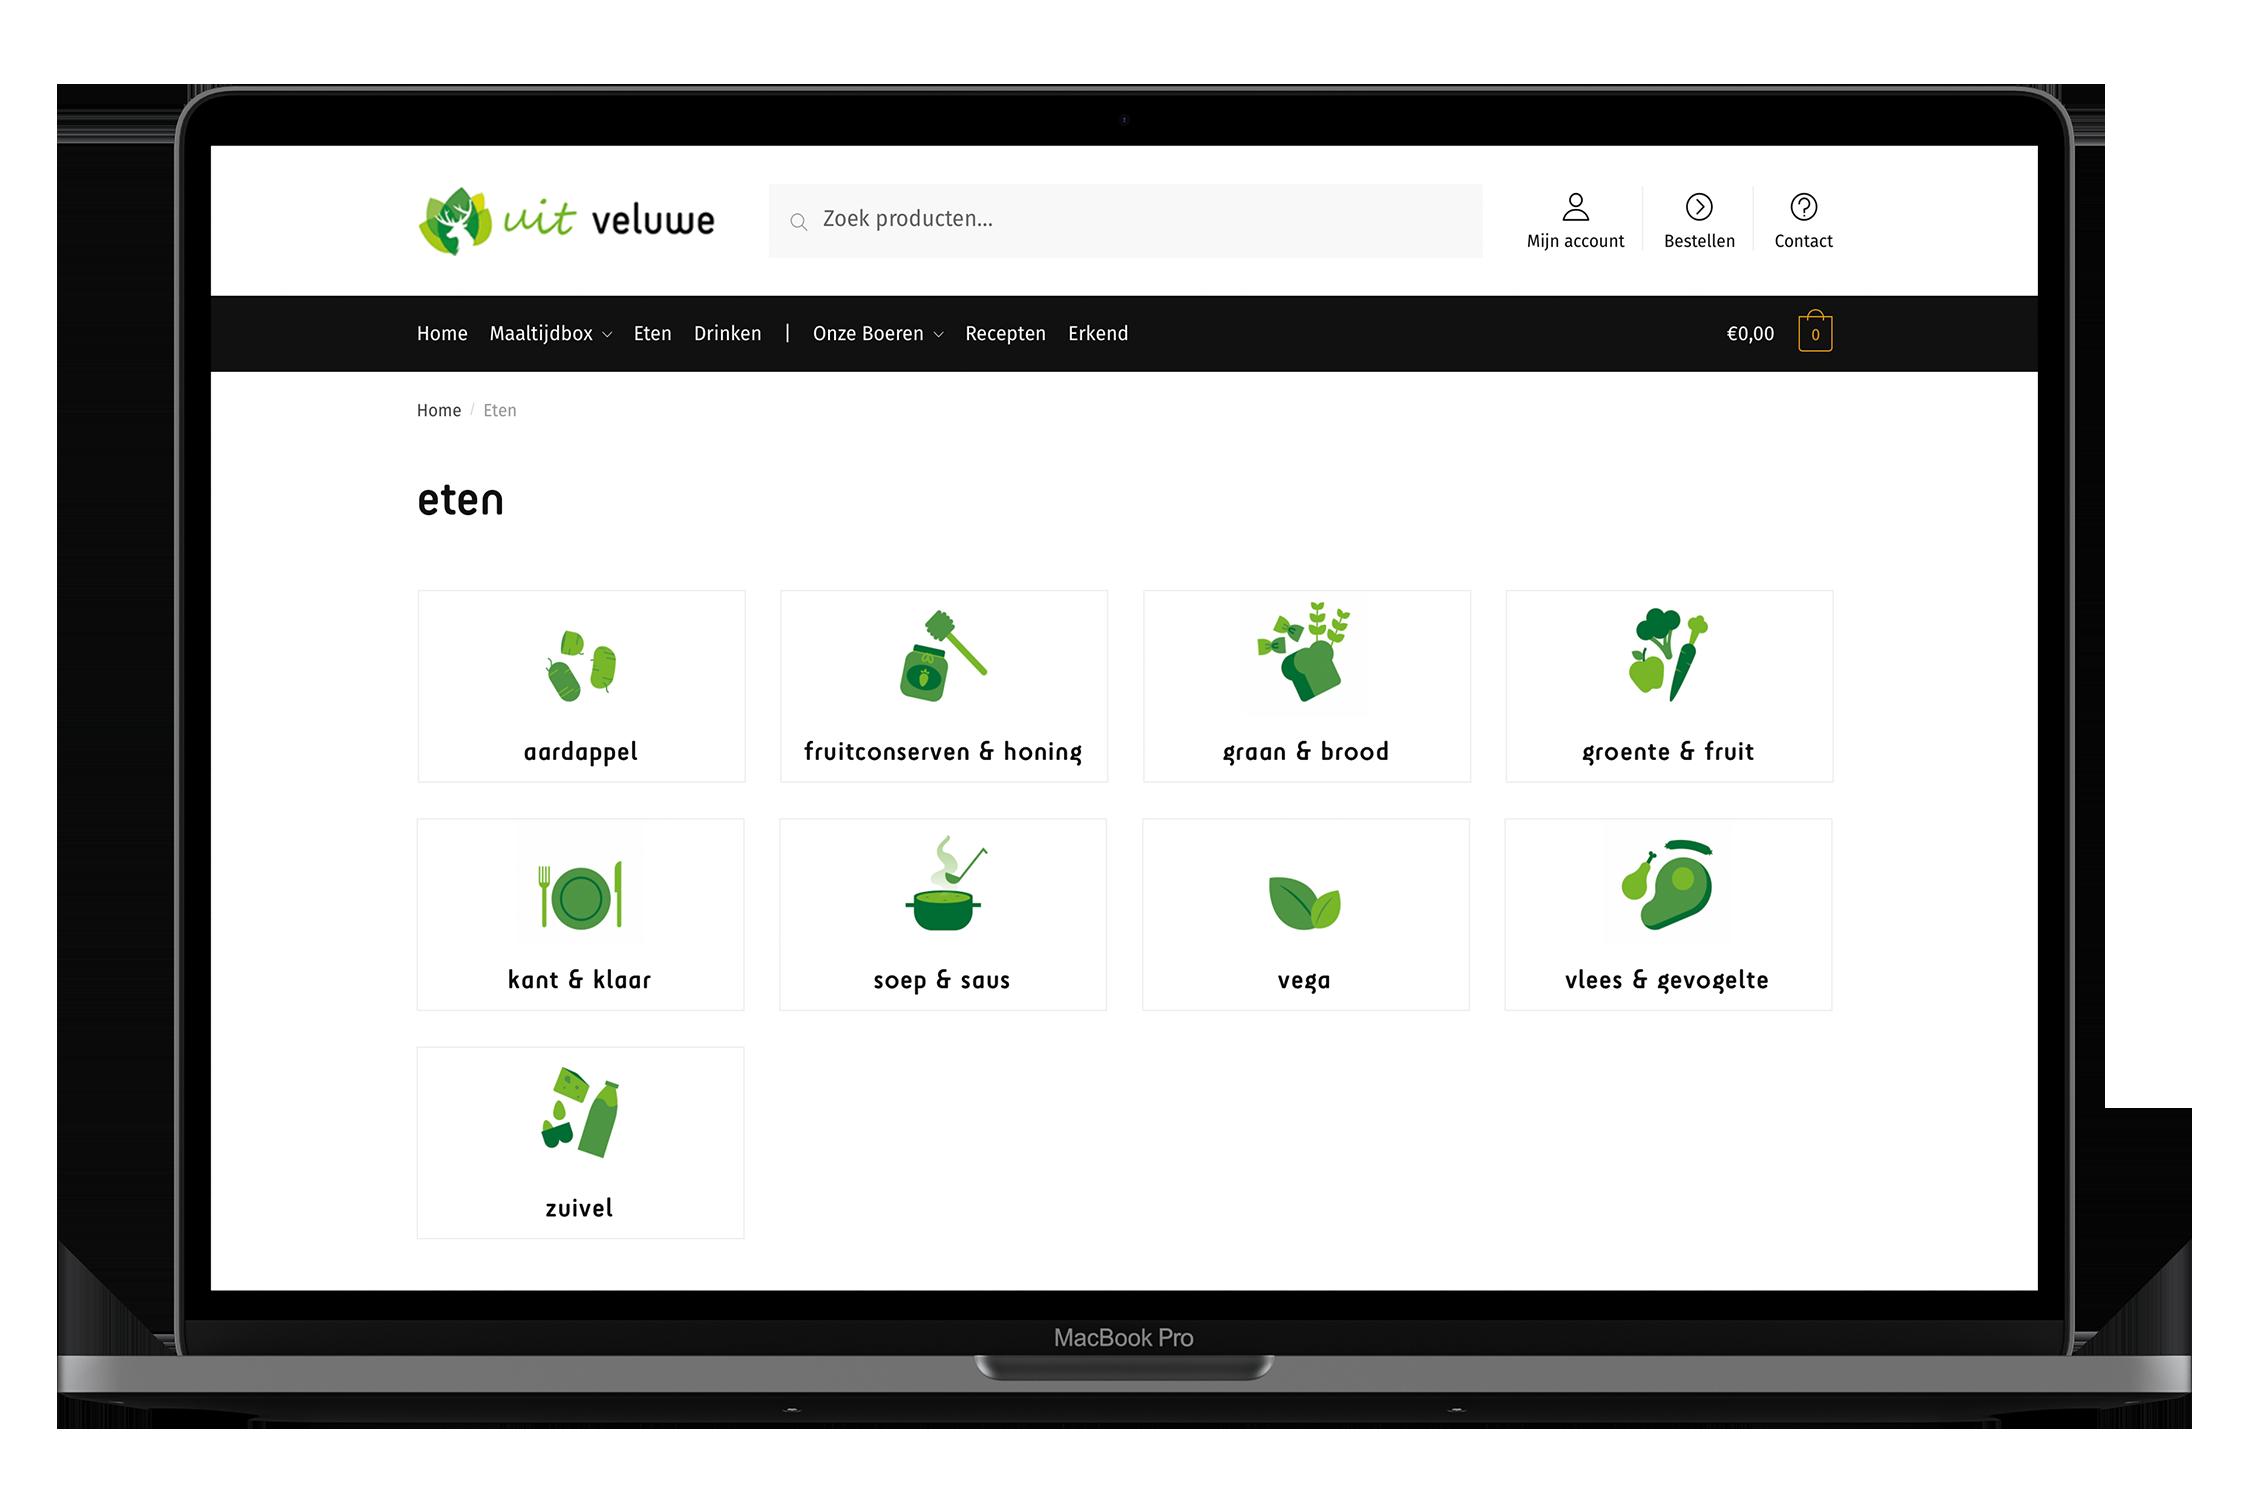 Uit Veluwe - Webshop - Product Categorieën - Iconen - Illustratie